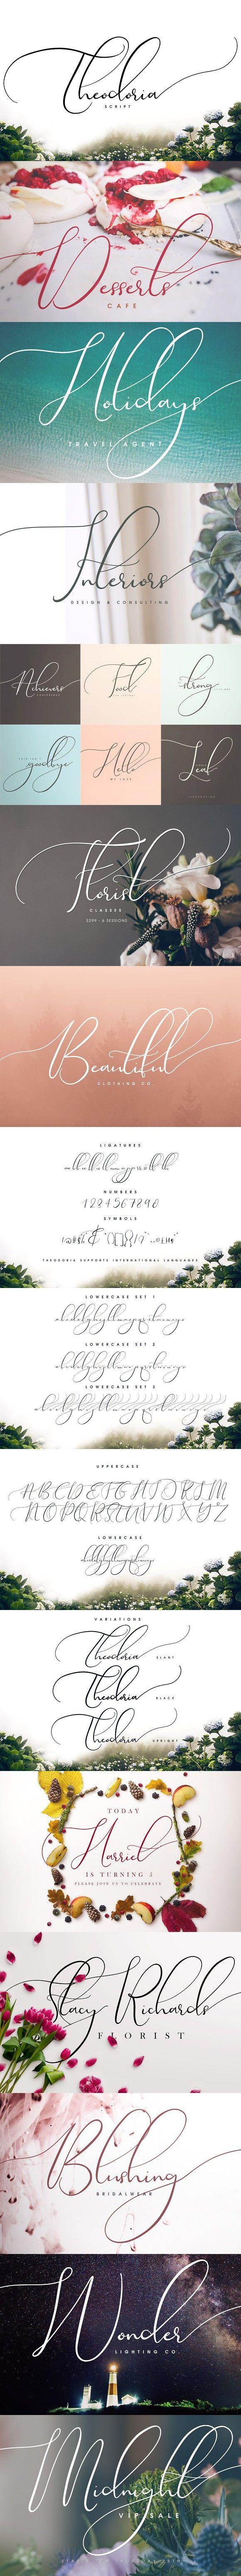 cursive fonts for wedding cards%0A Theodoria Script Font  Best Fonts